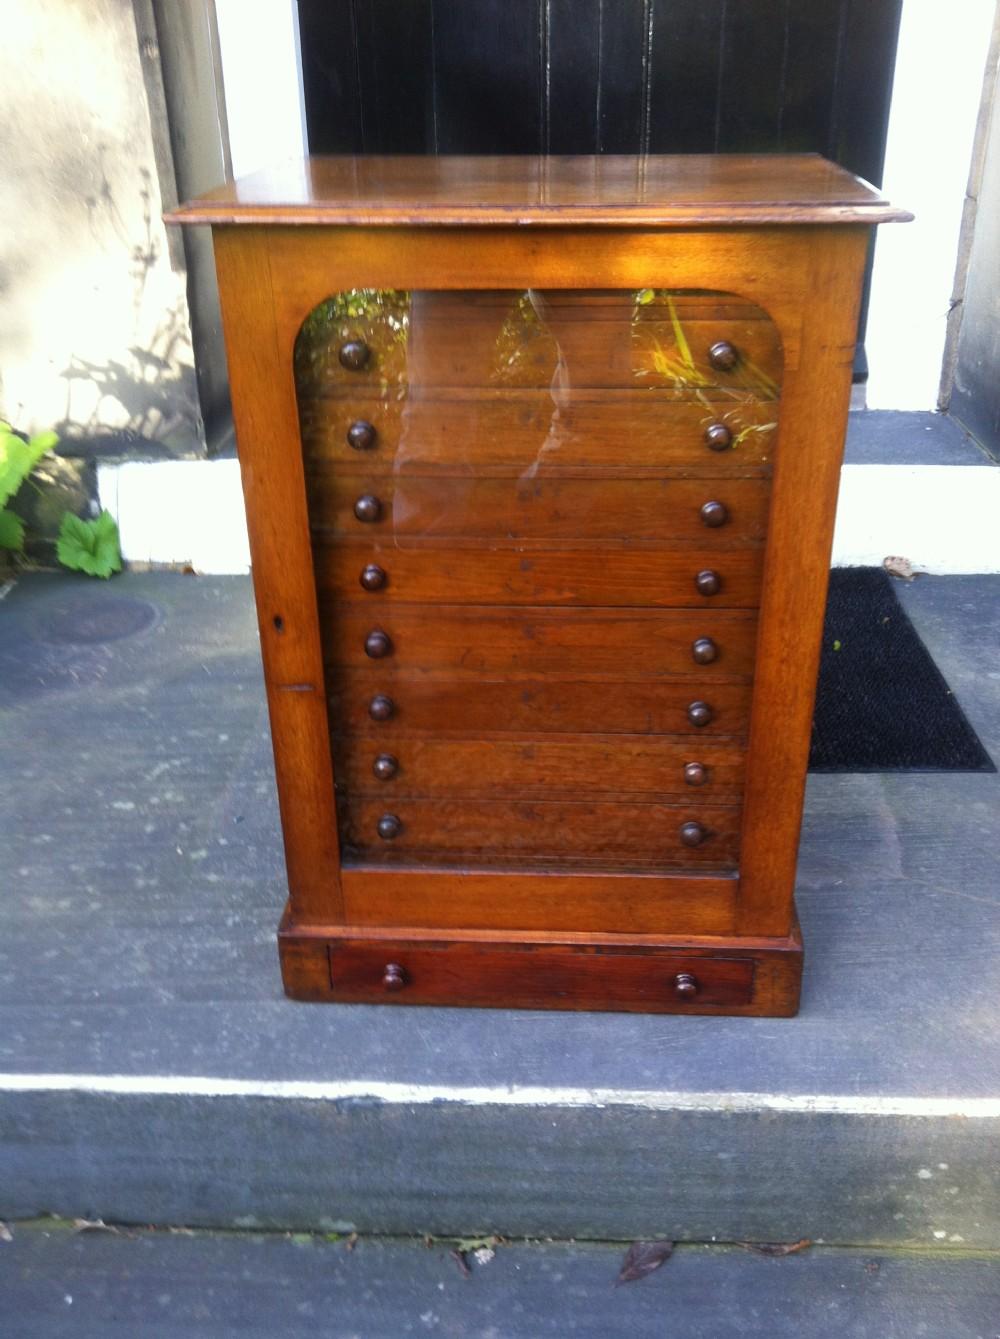 antique collectors chest specimen cabinet - Antique Collectors Chest Specimen Cabinet 246896